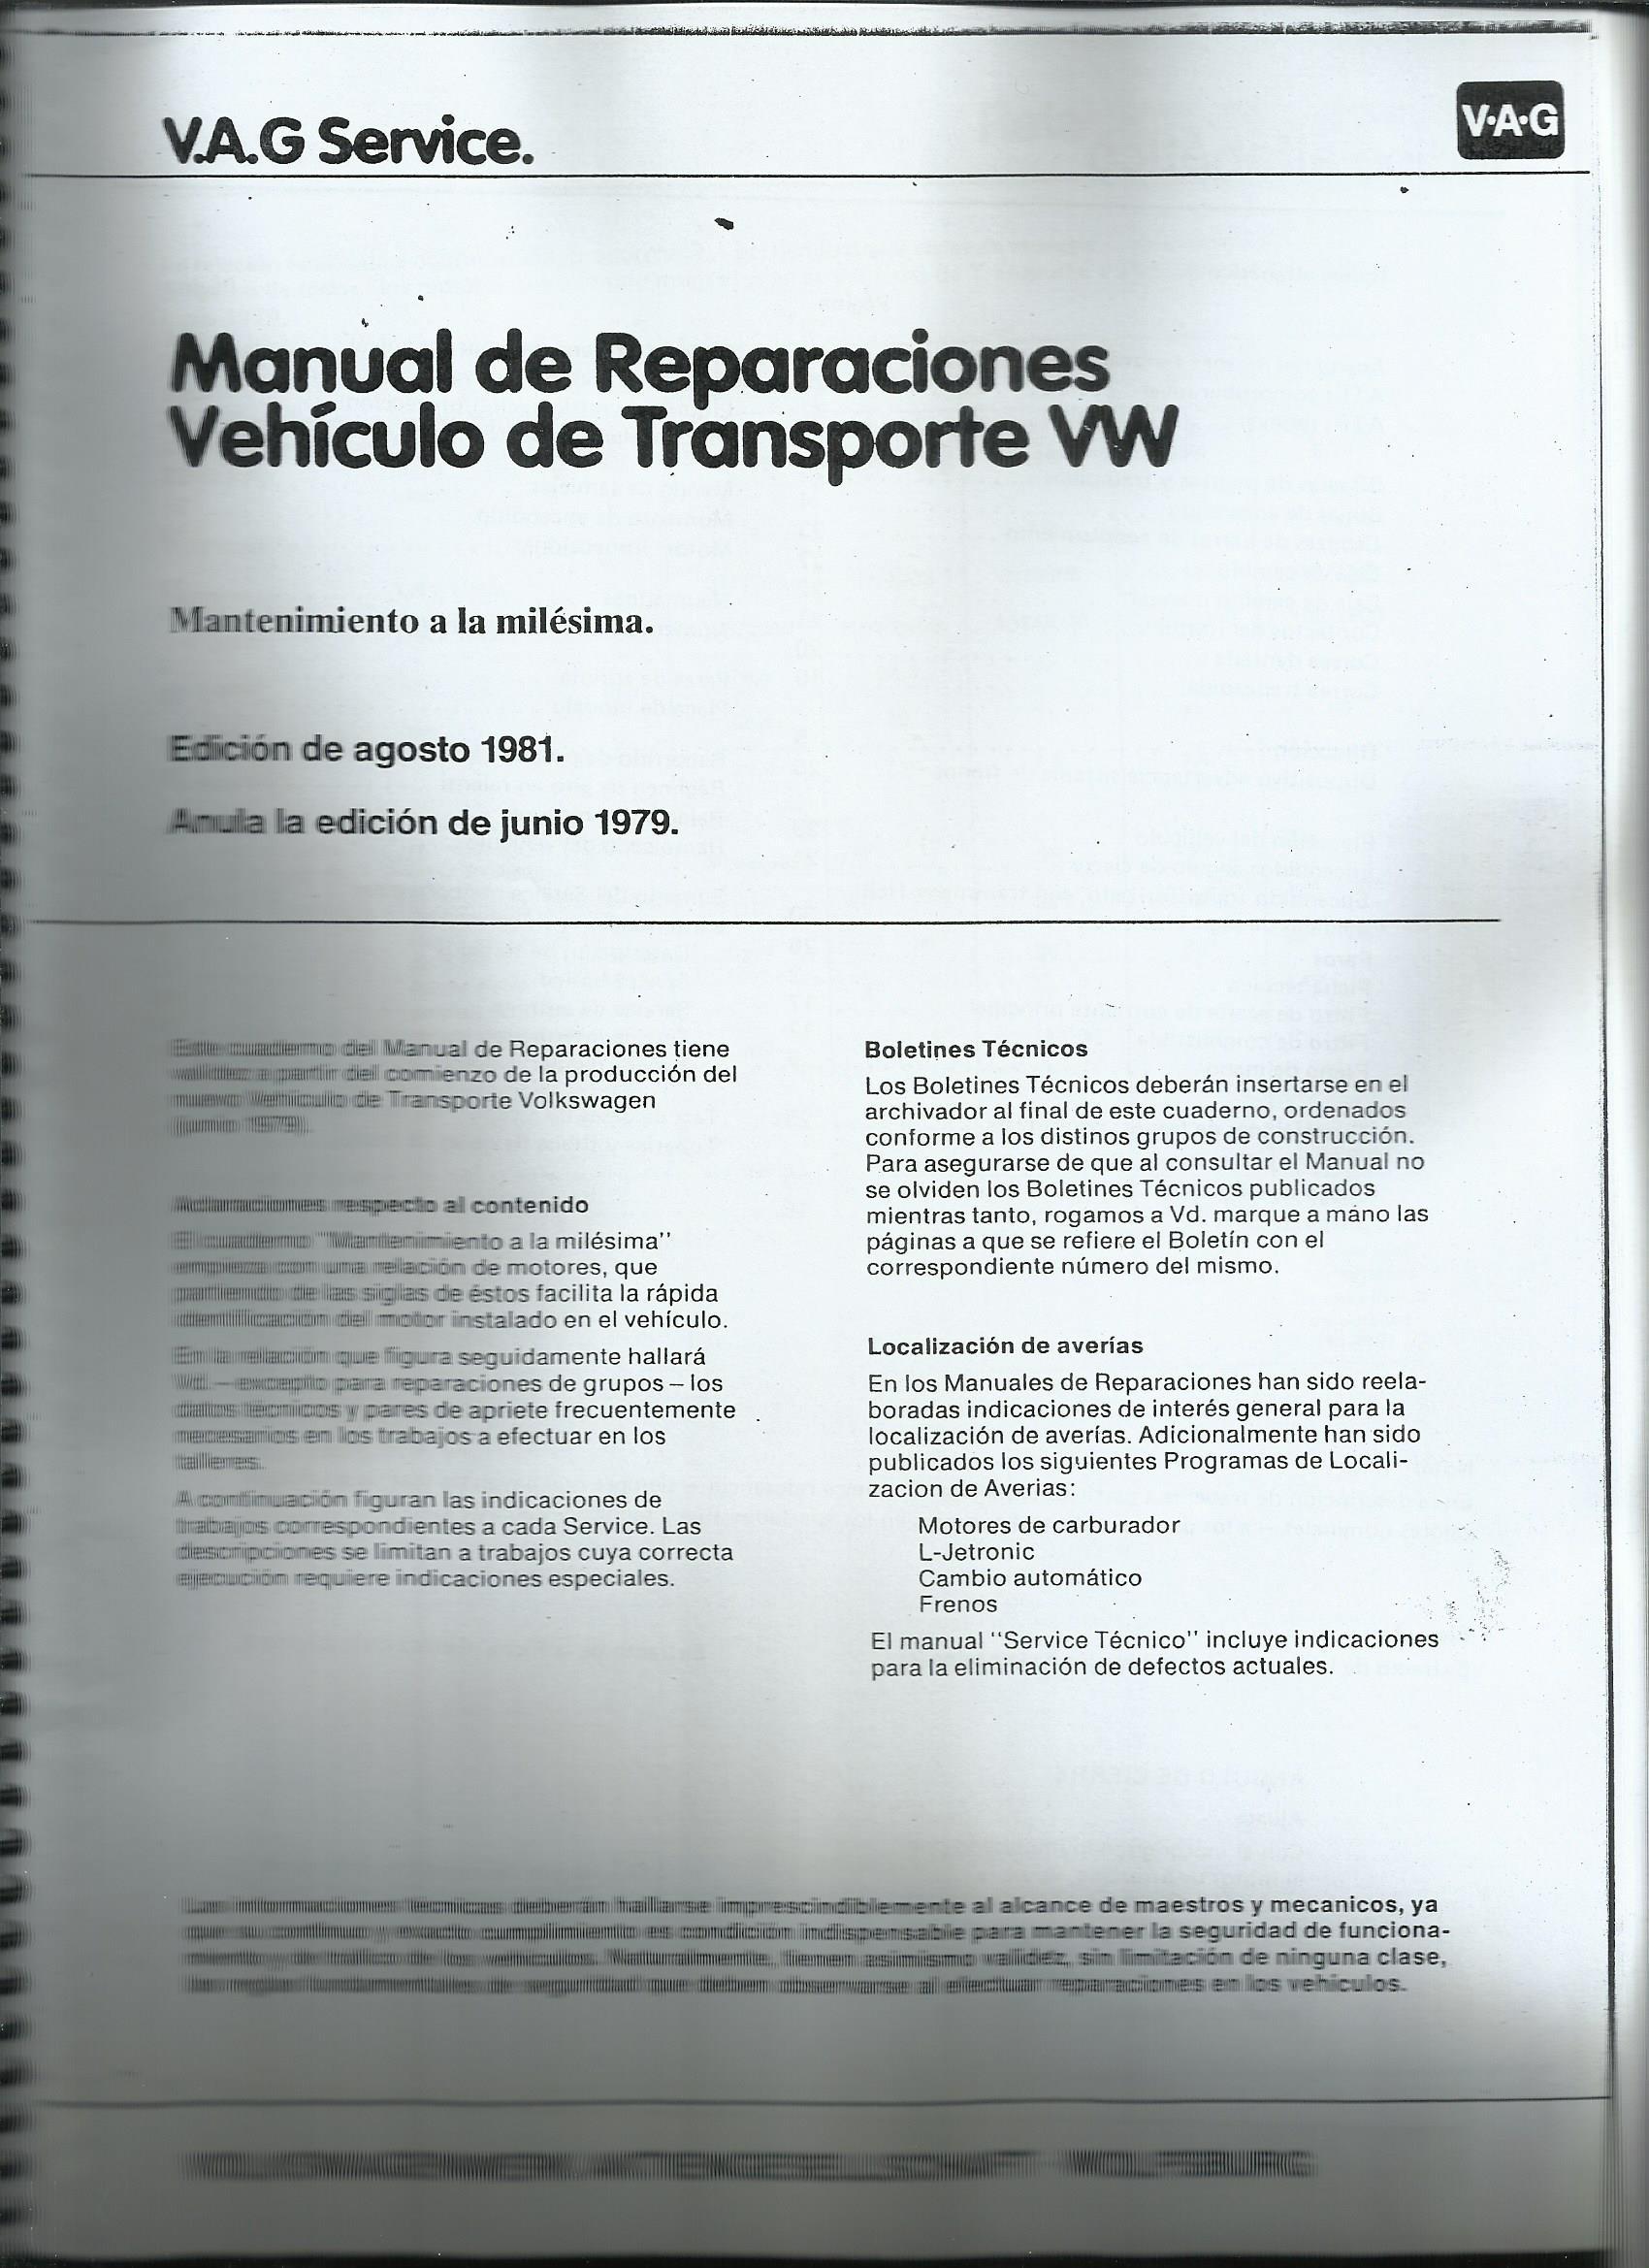 MANUAL DE REPARACIONES T3 (a la milesima)